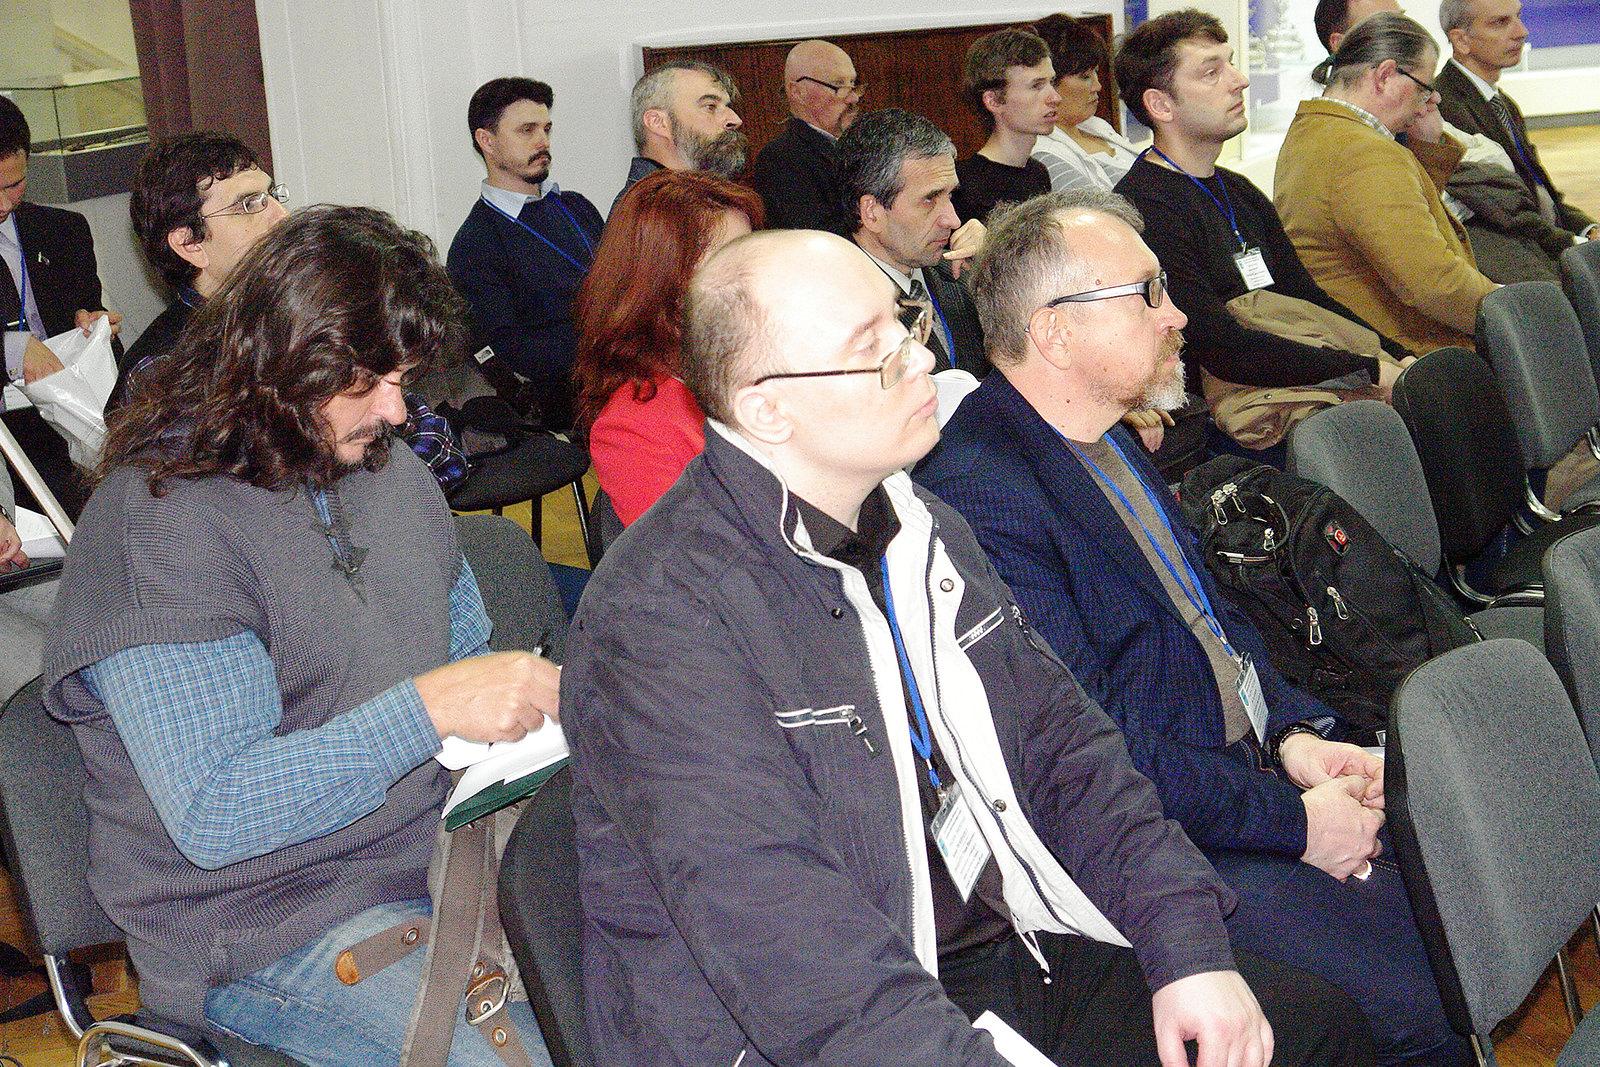 Учасники конференції: Роман Прохватіло, Юрій Бохан, позаду - Олег Мальченко.